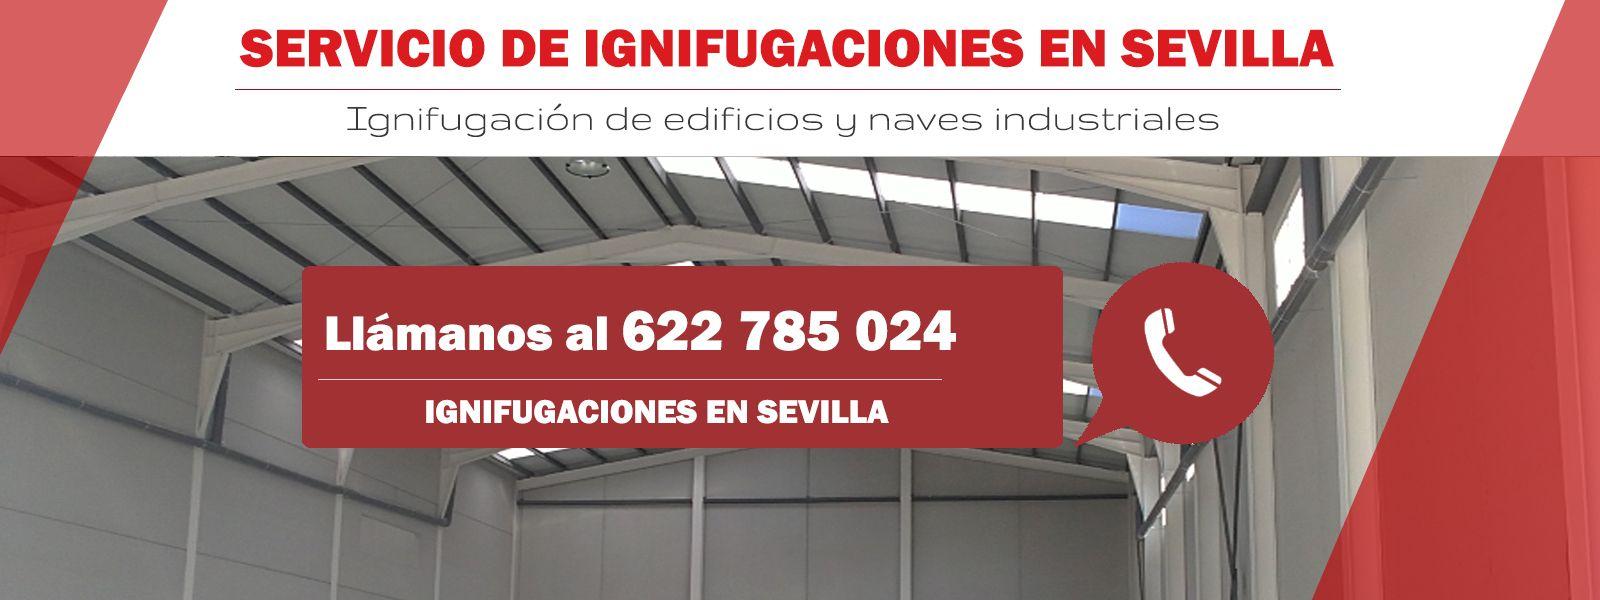 Ignifugación de naves y edificios en Sevilla